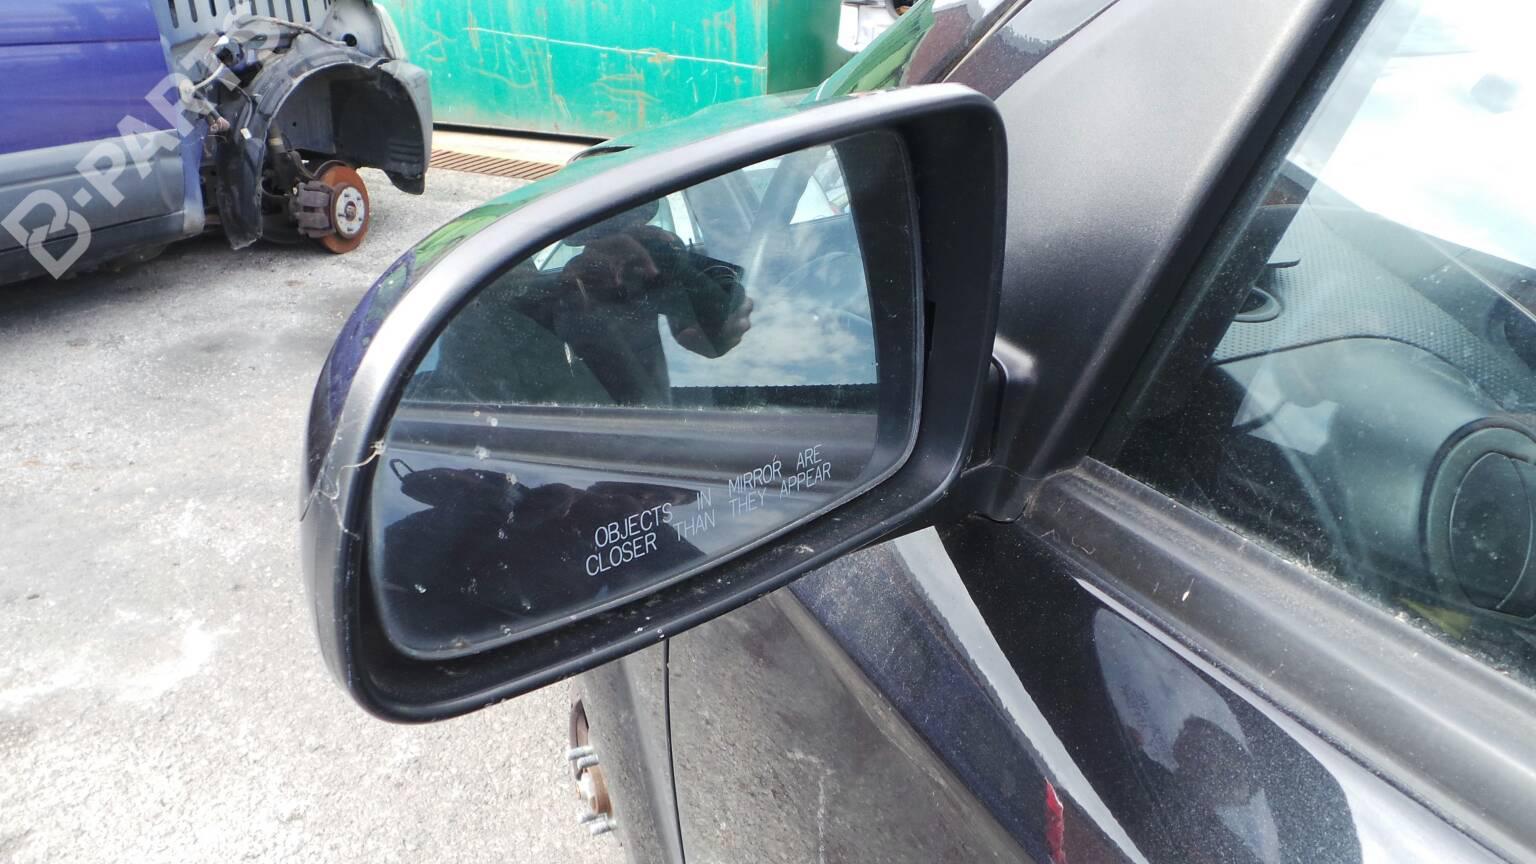 New Window Crank for Chevrolet Aveo 2004-2014